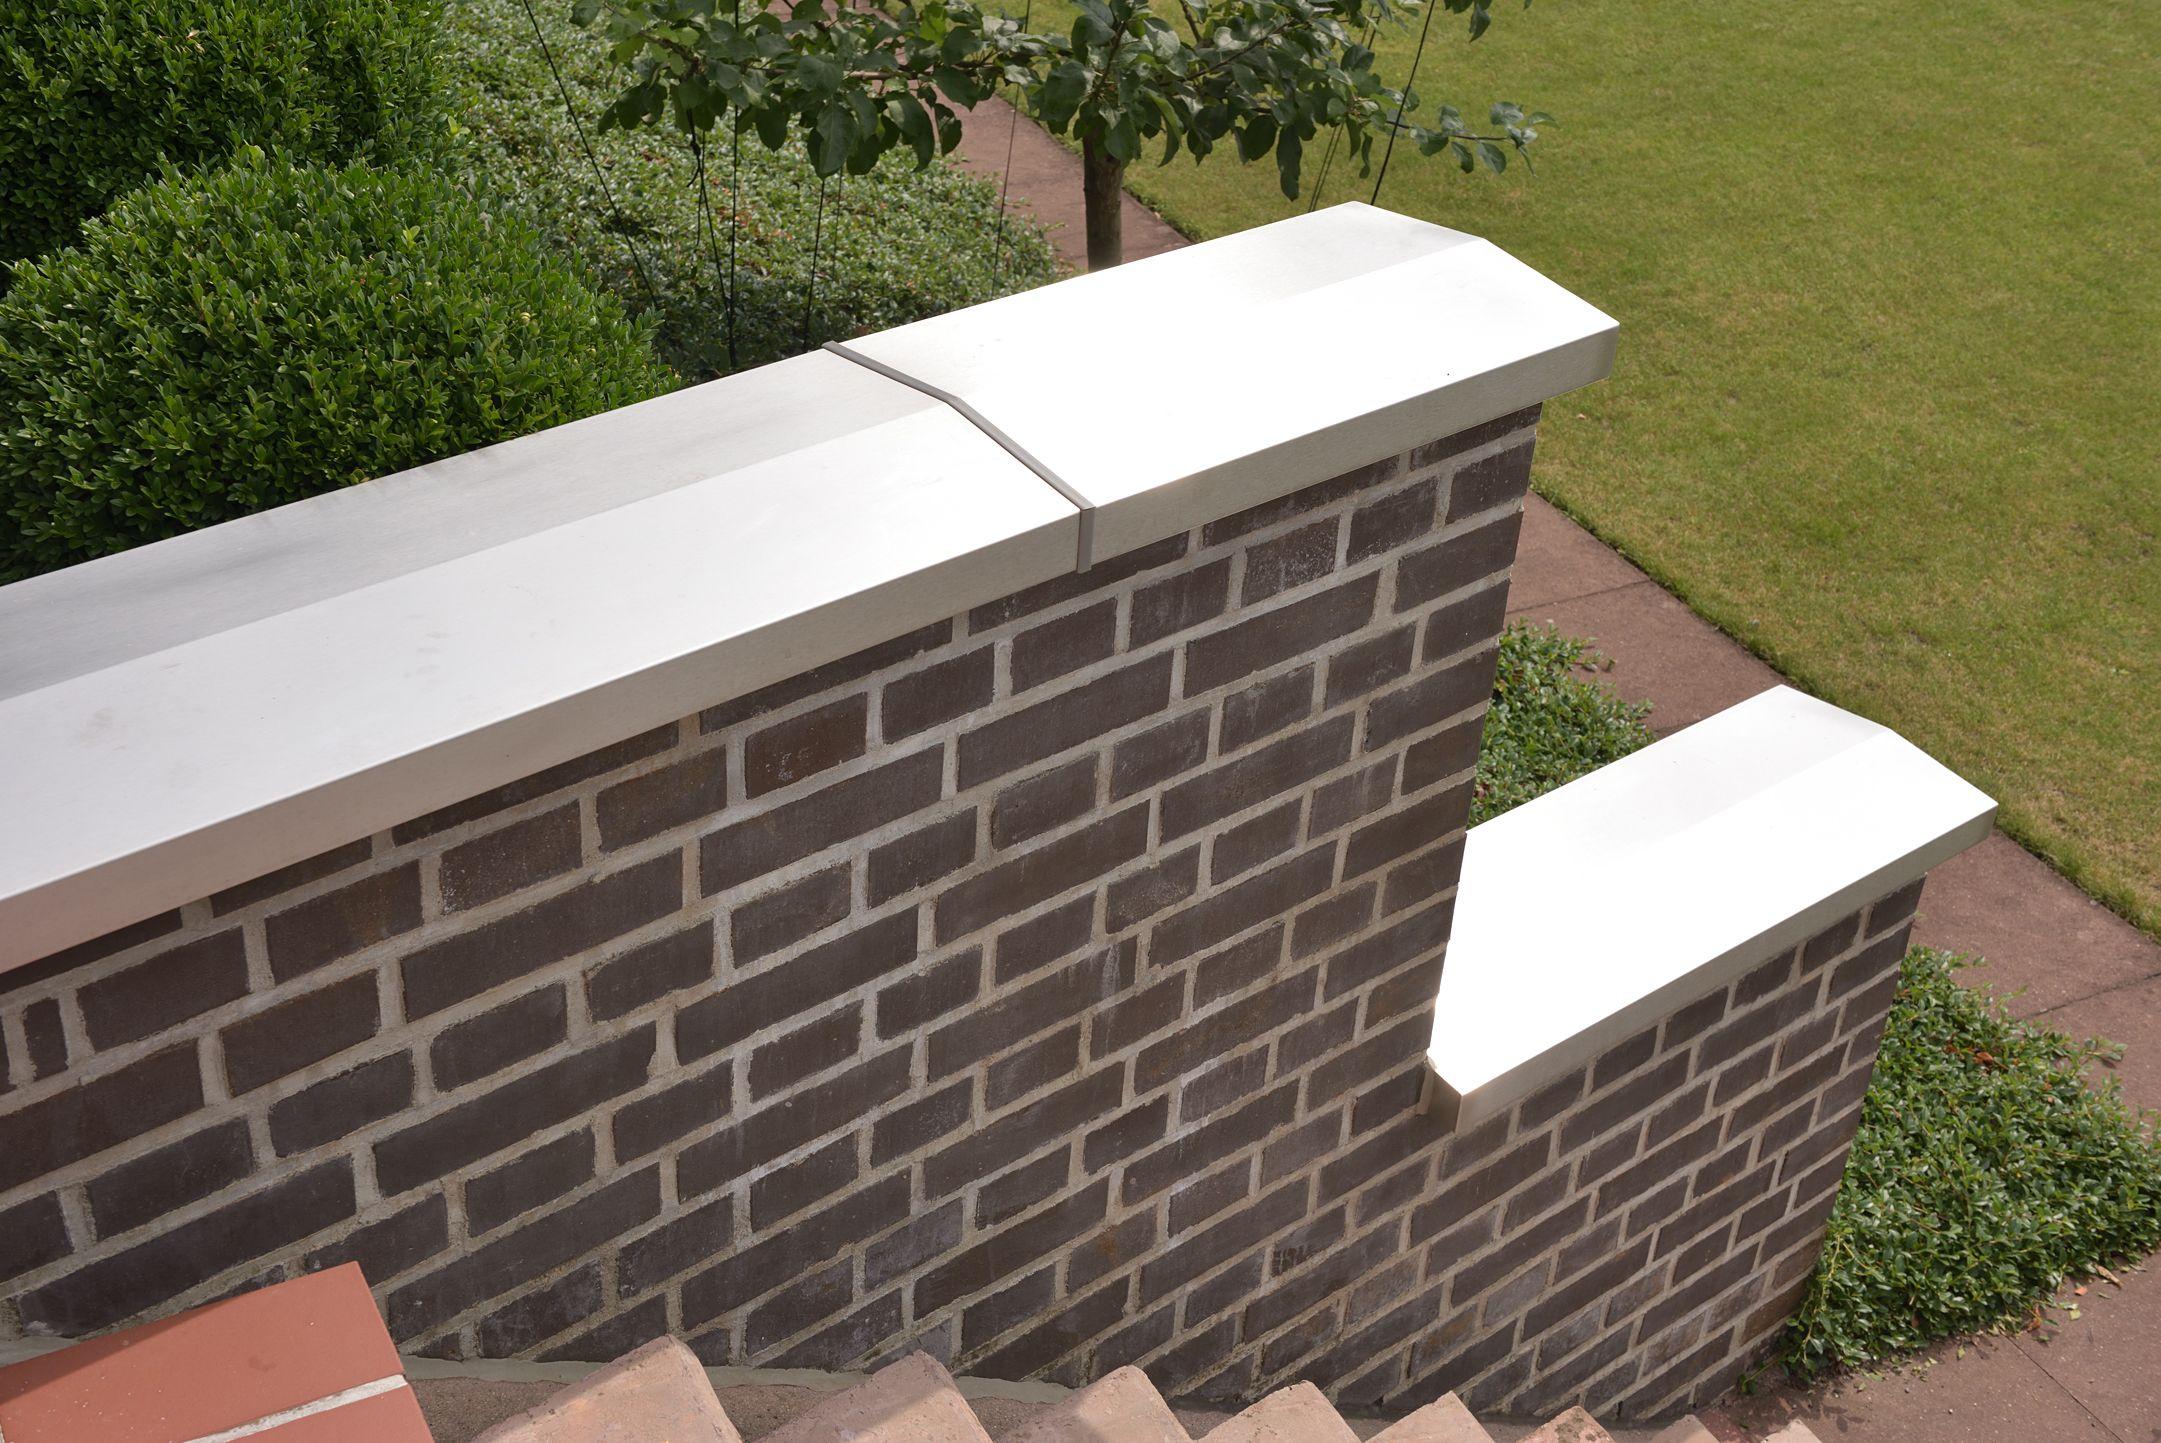 geraumiges terrassenplatten starke besonders bild und abedafbccfb